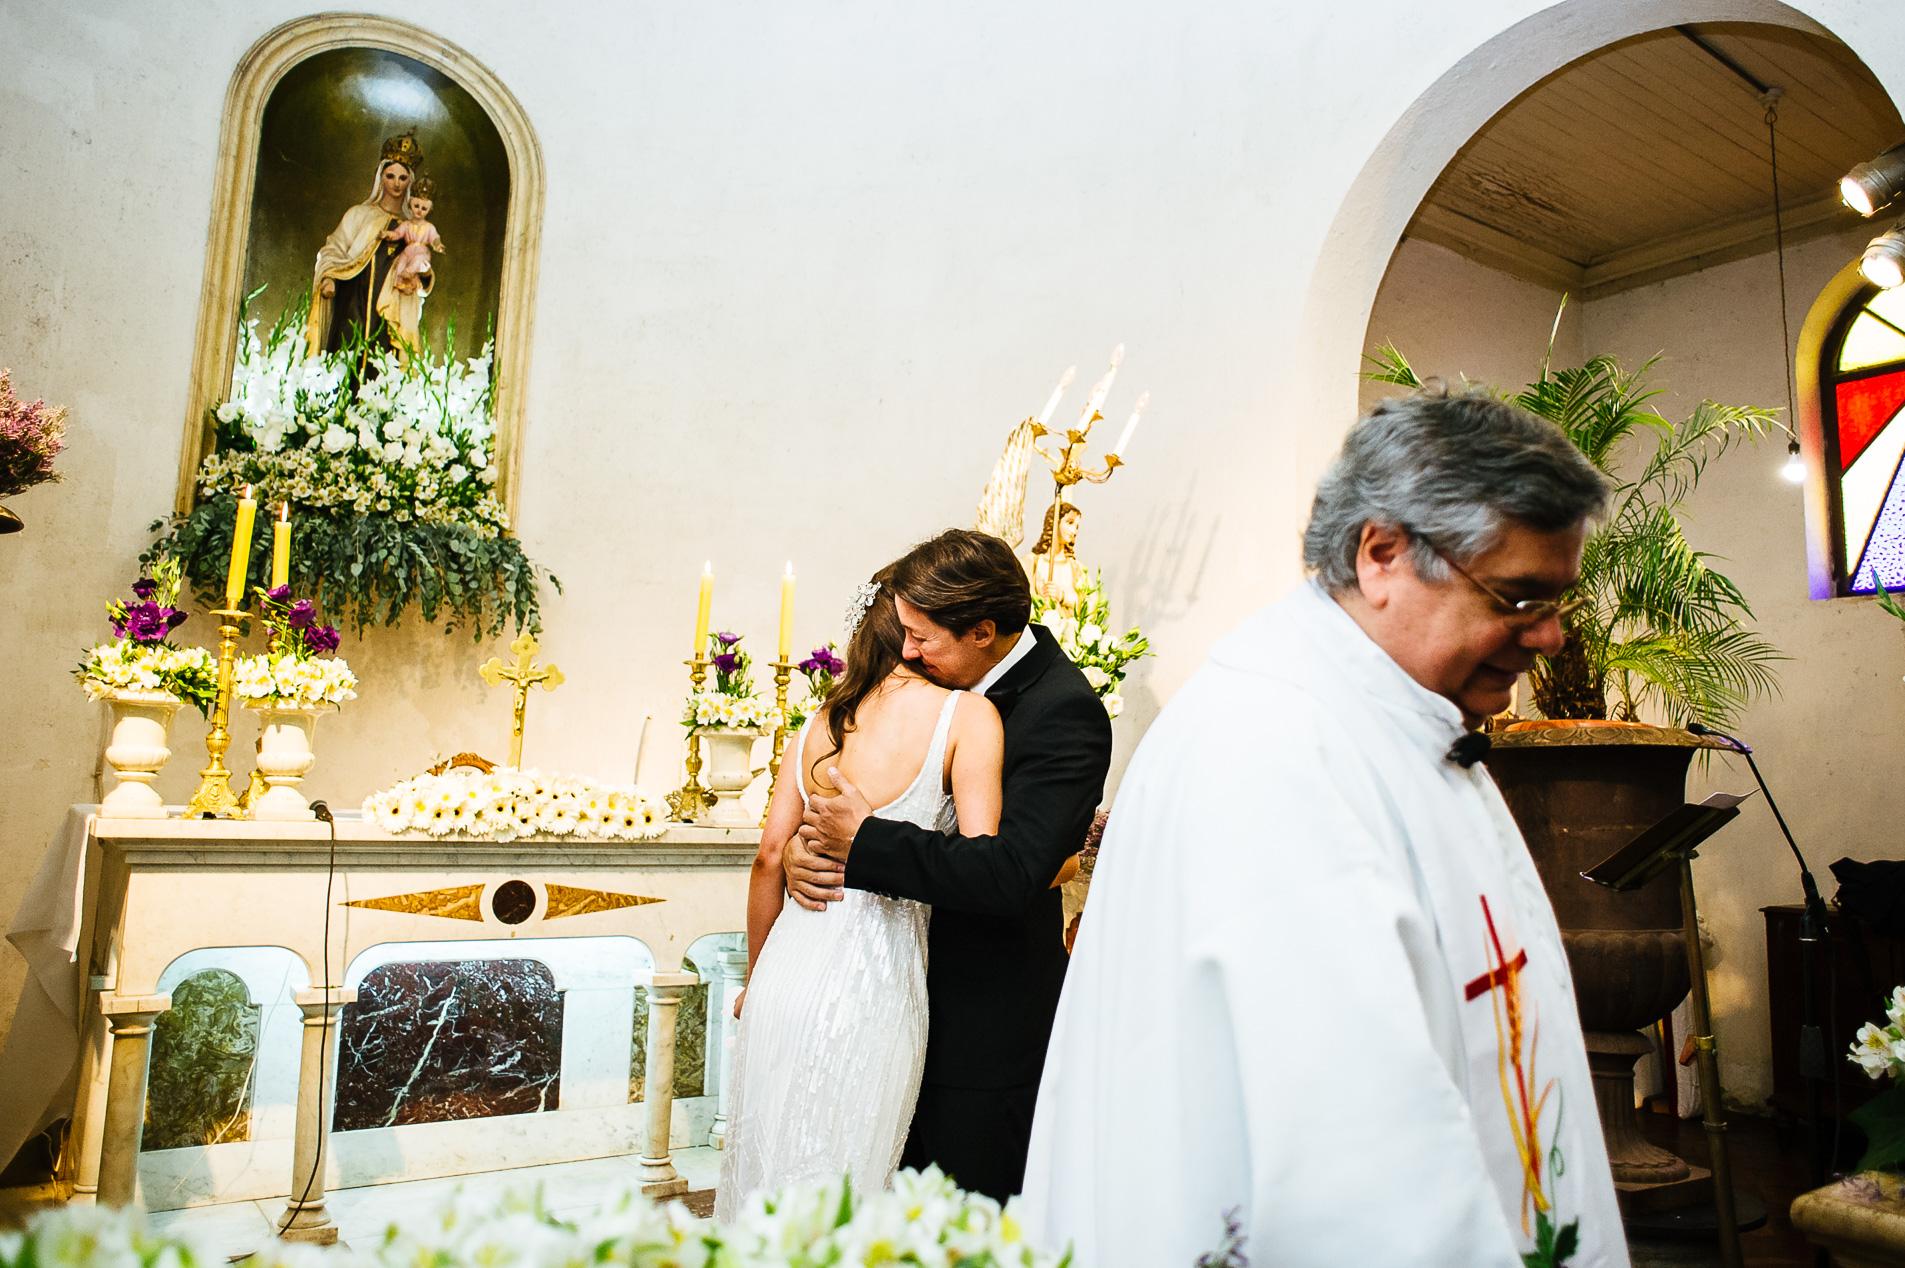 matrimonio-casona-reina-sur-15